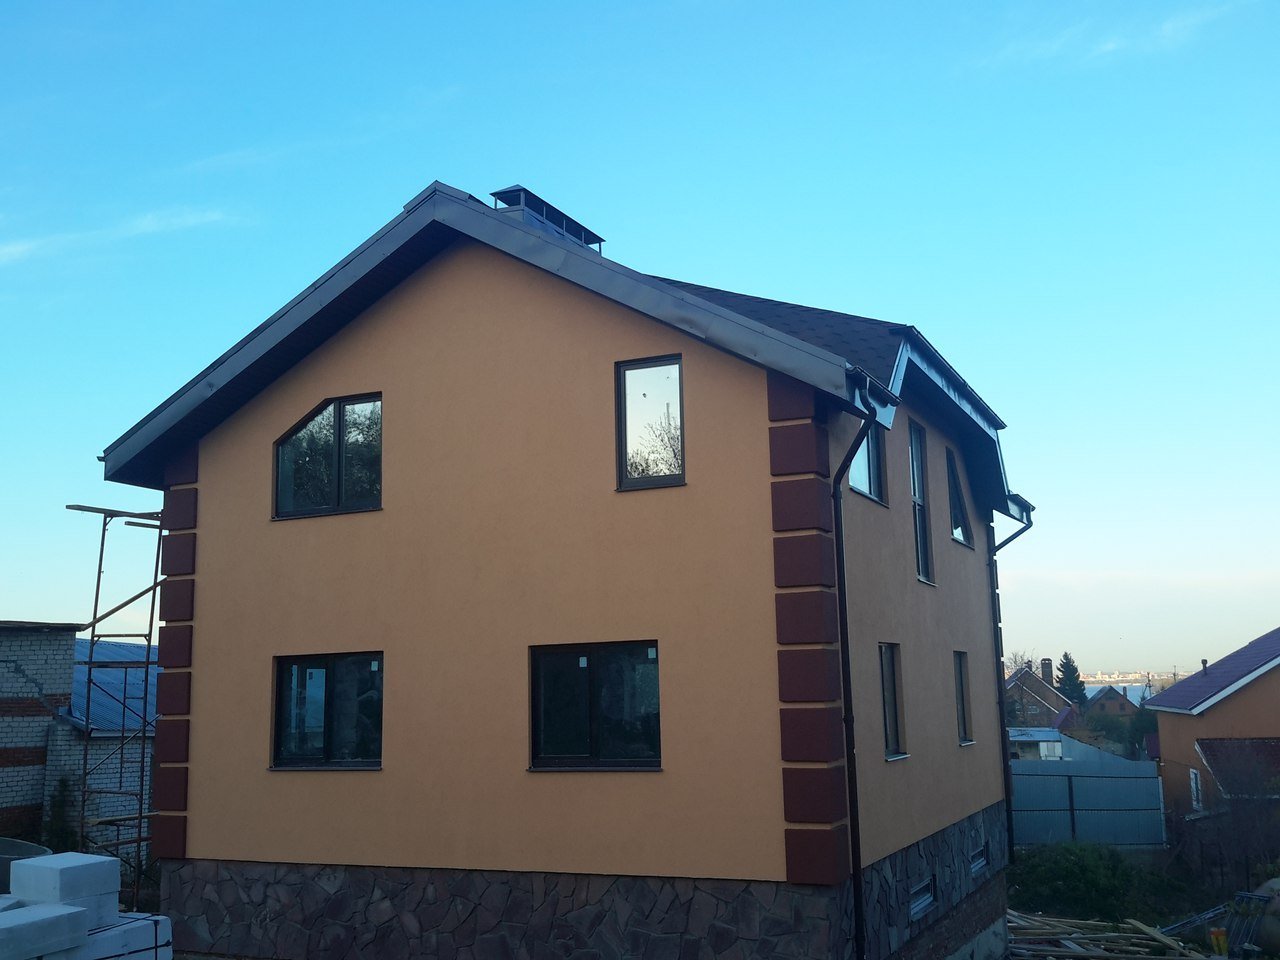 Цена покраски фасада в нижнем новгороде